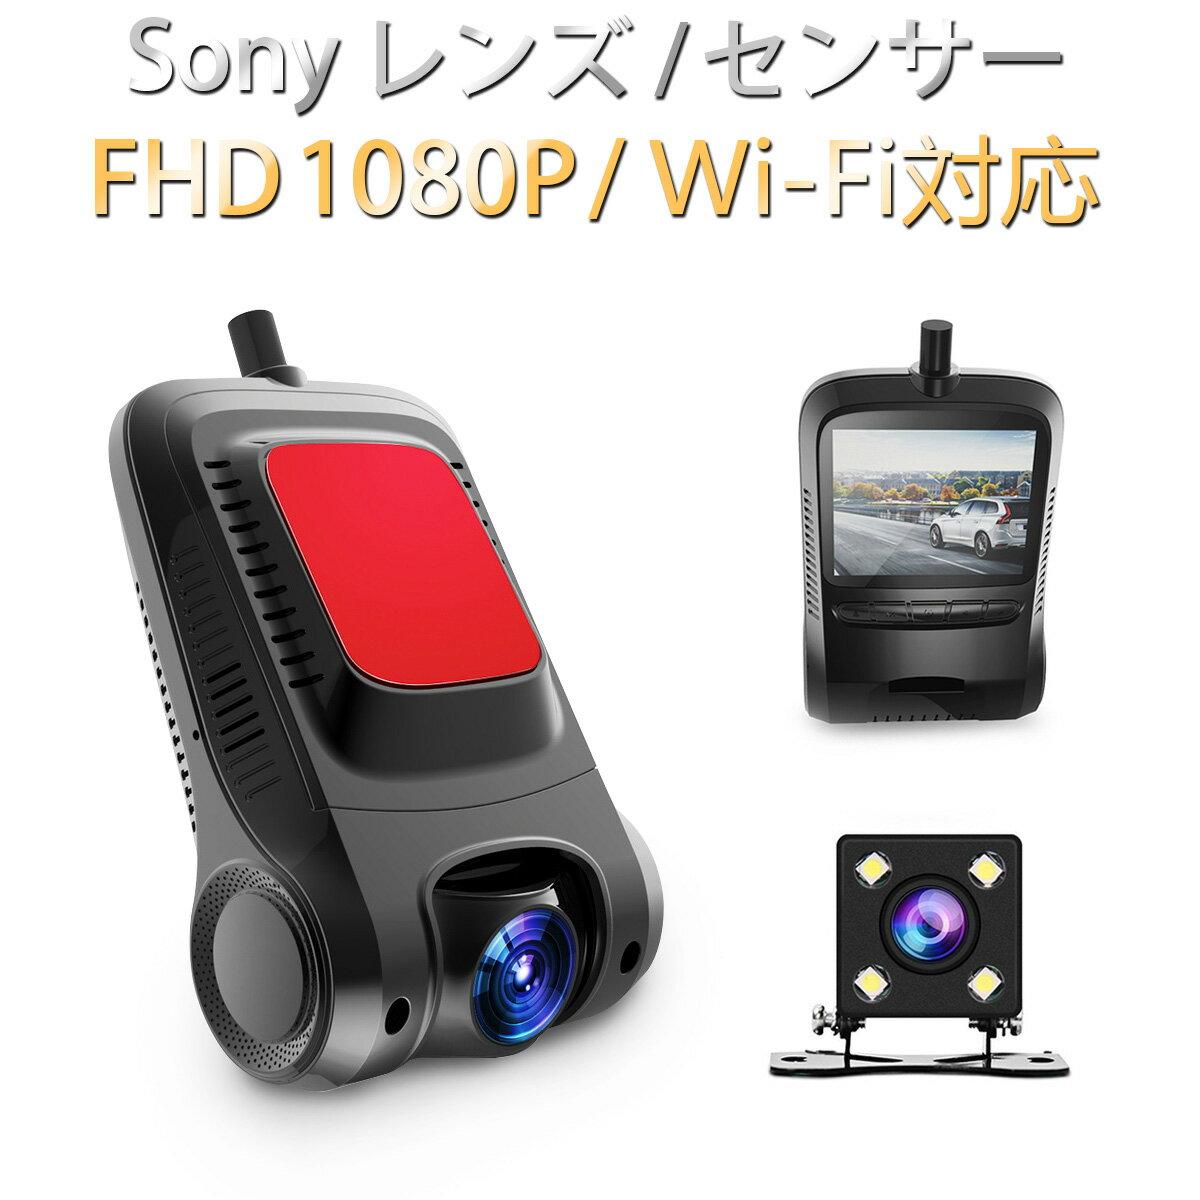 SDL ドライブレコーダー バックカメラ あおり運転対策 1080P FHD (フロント・リアセット) ミラー隠しタイプ 無線Wi-Fi Gセンサー リアルタイム映像 200万画素 簡単取り付け ドライブ レコーダー 宅配便送料無料 6ヶ月保証 K&M